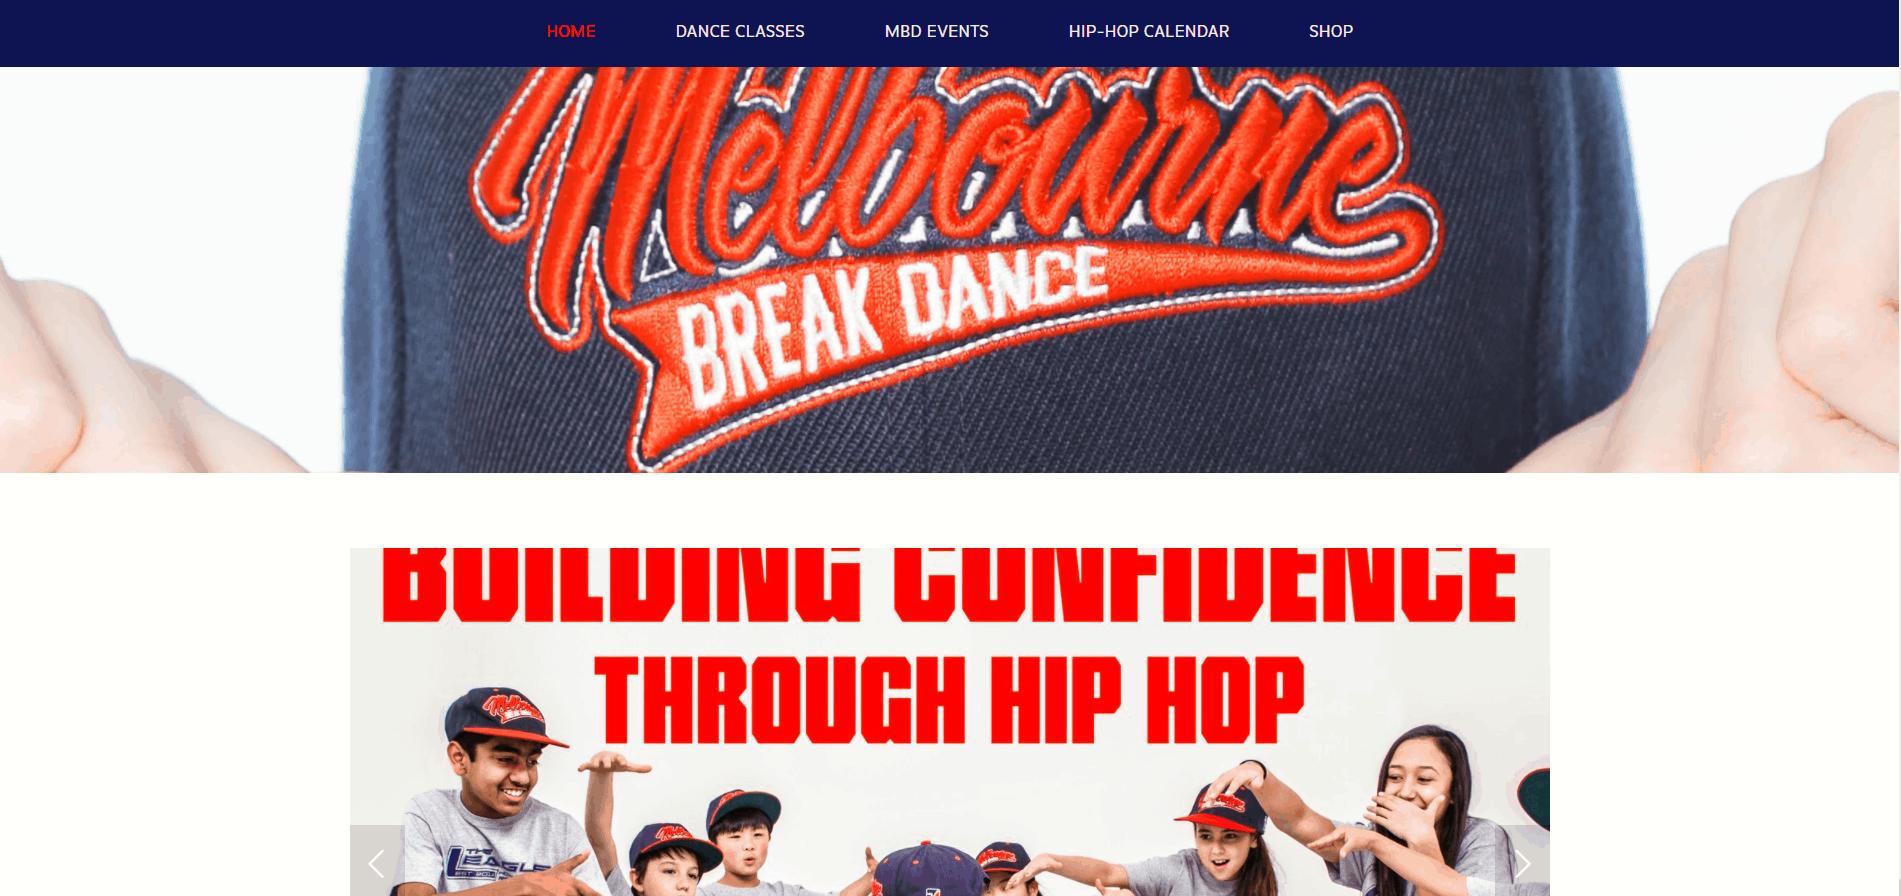 Melbourne Break Dance